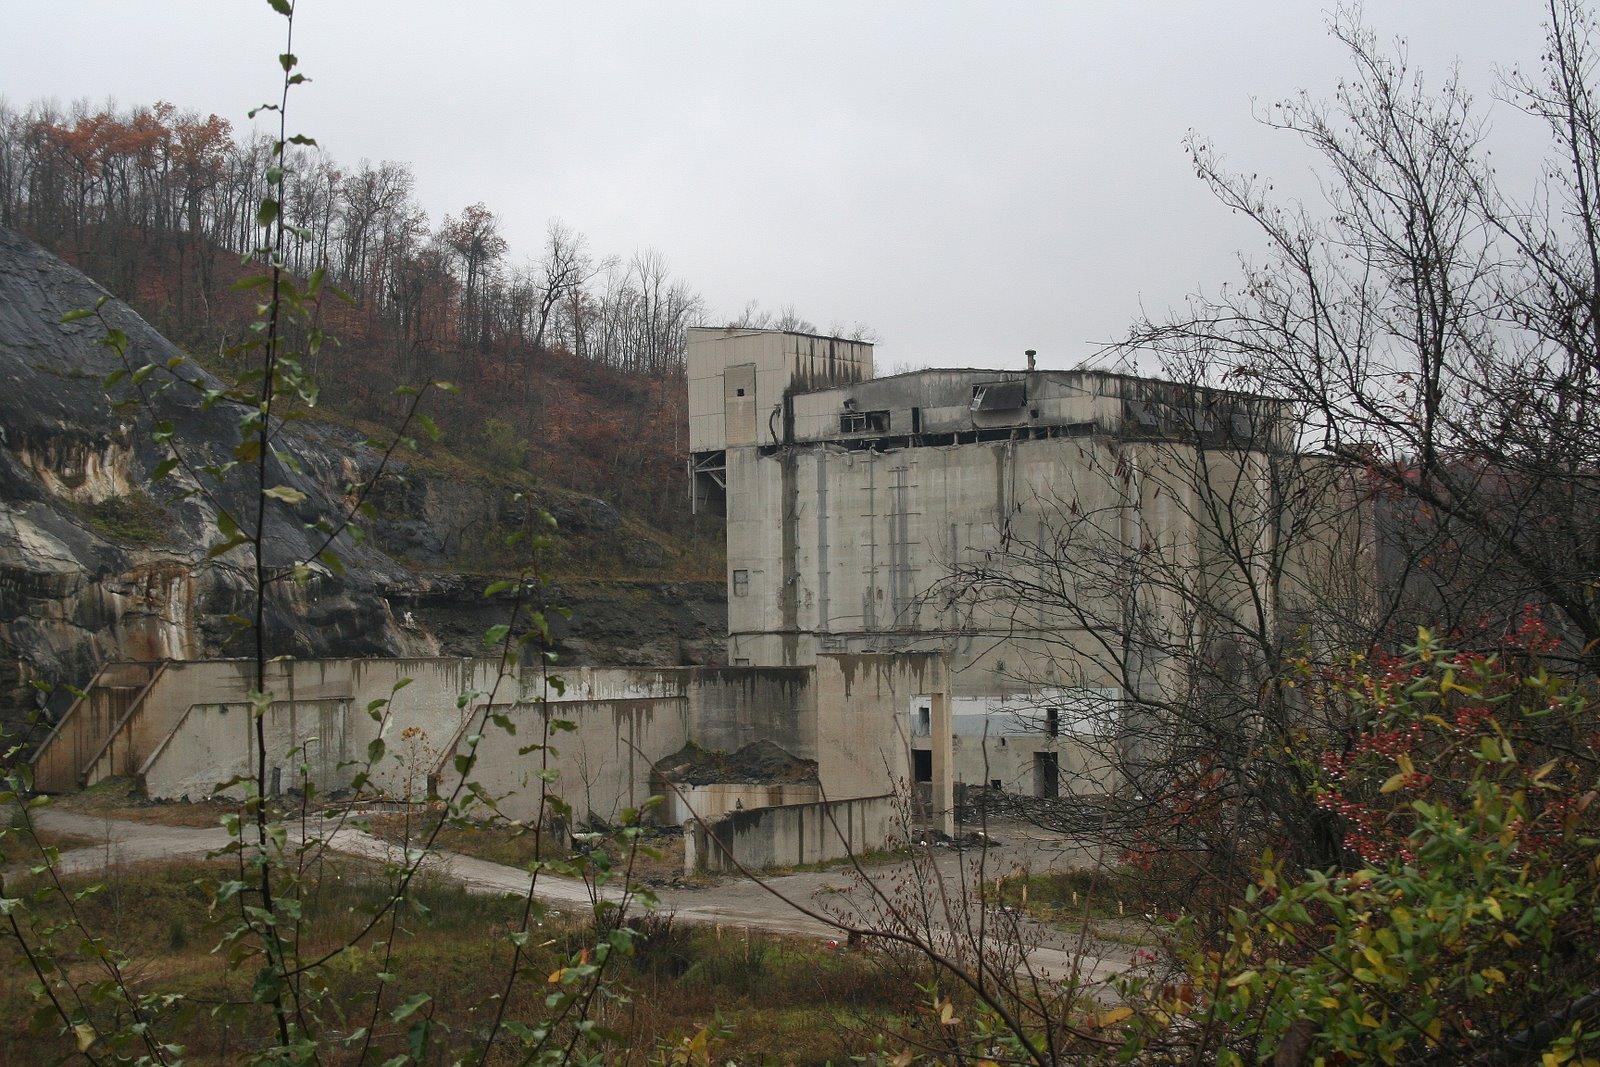 Abandoned Cement Plant : Abandoned cement plant in superior oh